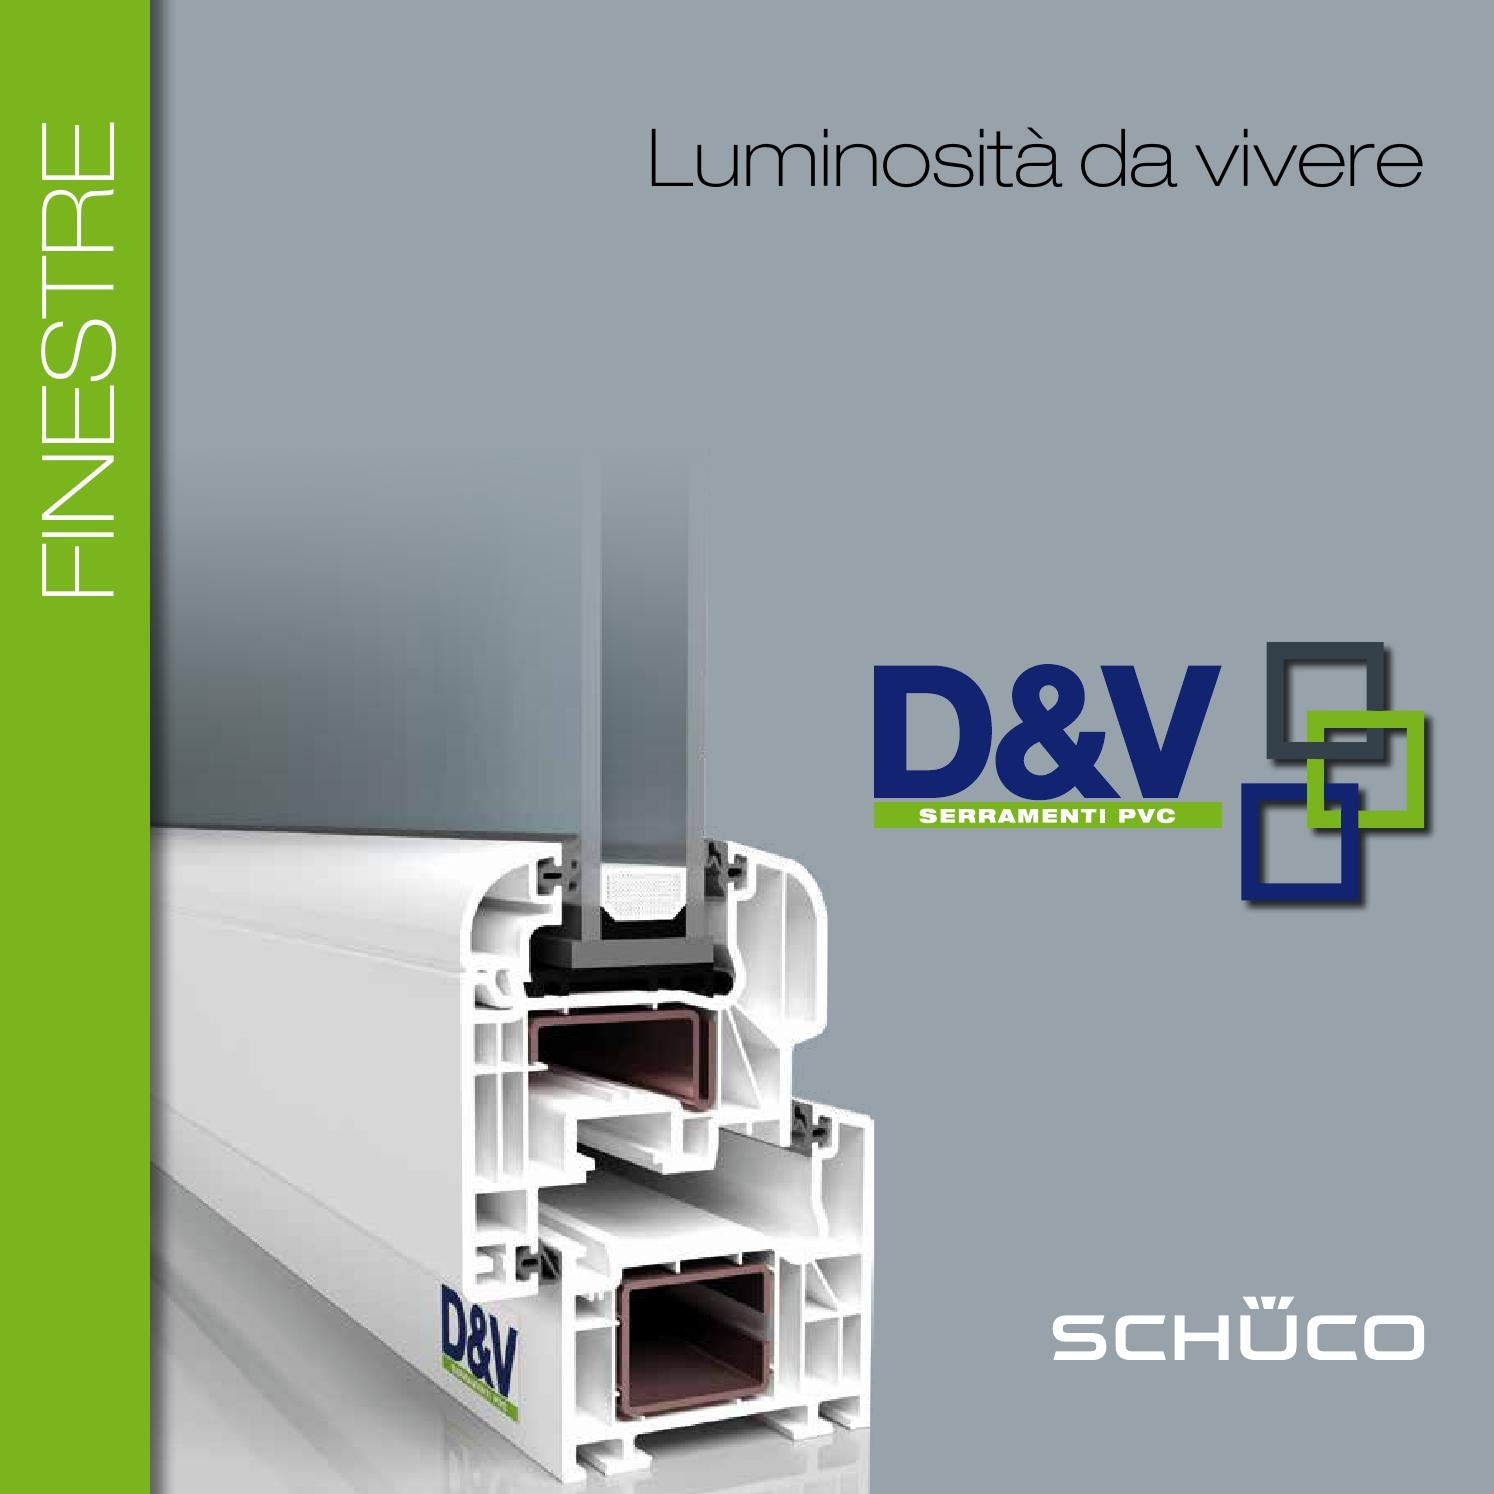 Catalogo finestre e serramenti in pvc schuco by d v by stefano balbo issuu - Finestre schuco pvc ...